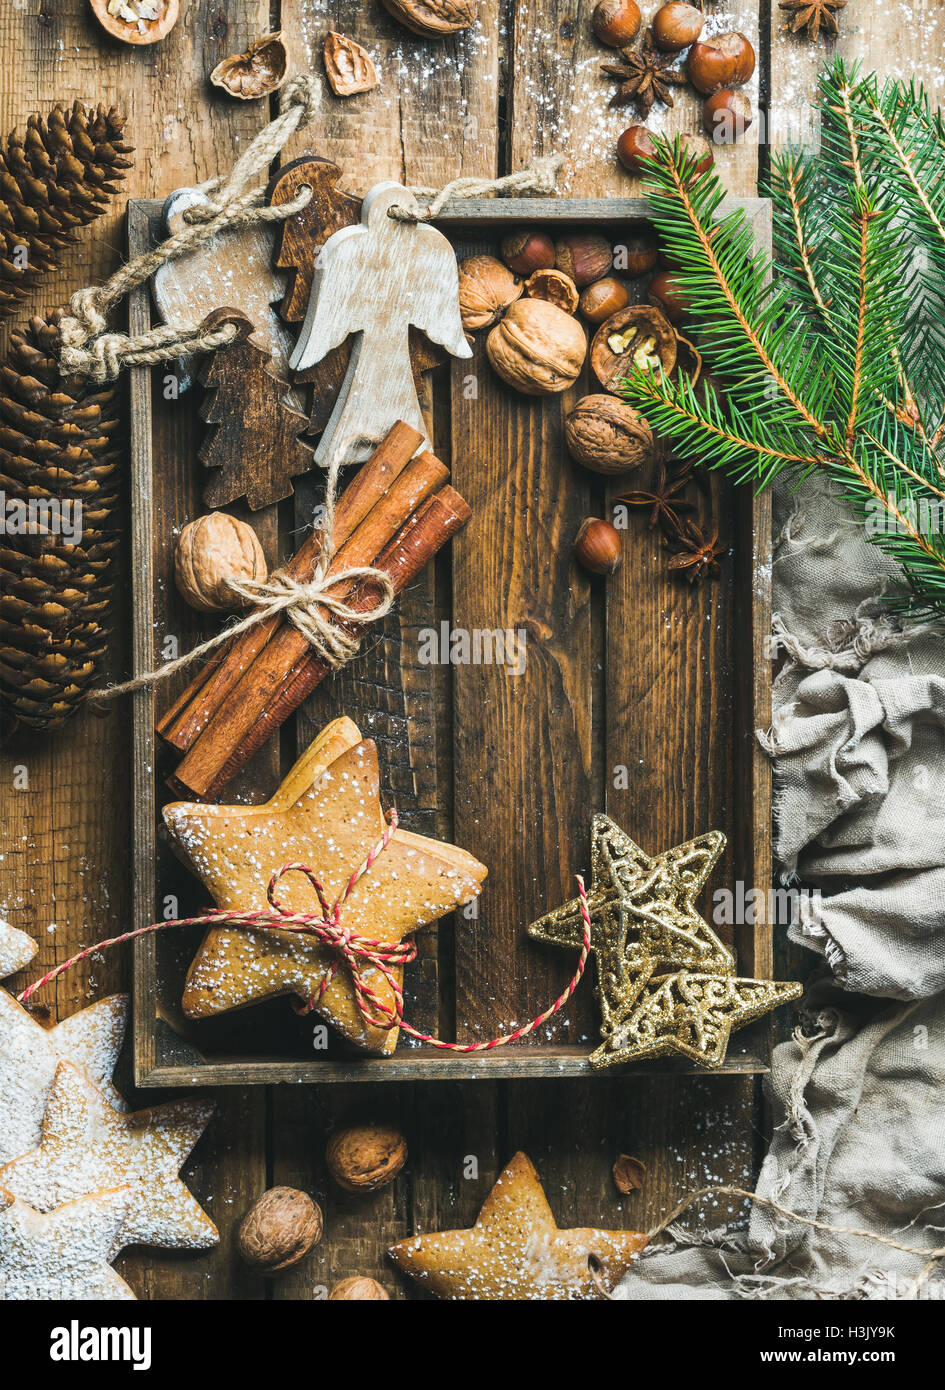 Bandeja de madera decorativa con galletas, ángeles y estrellas, especias, nueces Imagen De Stock